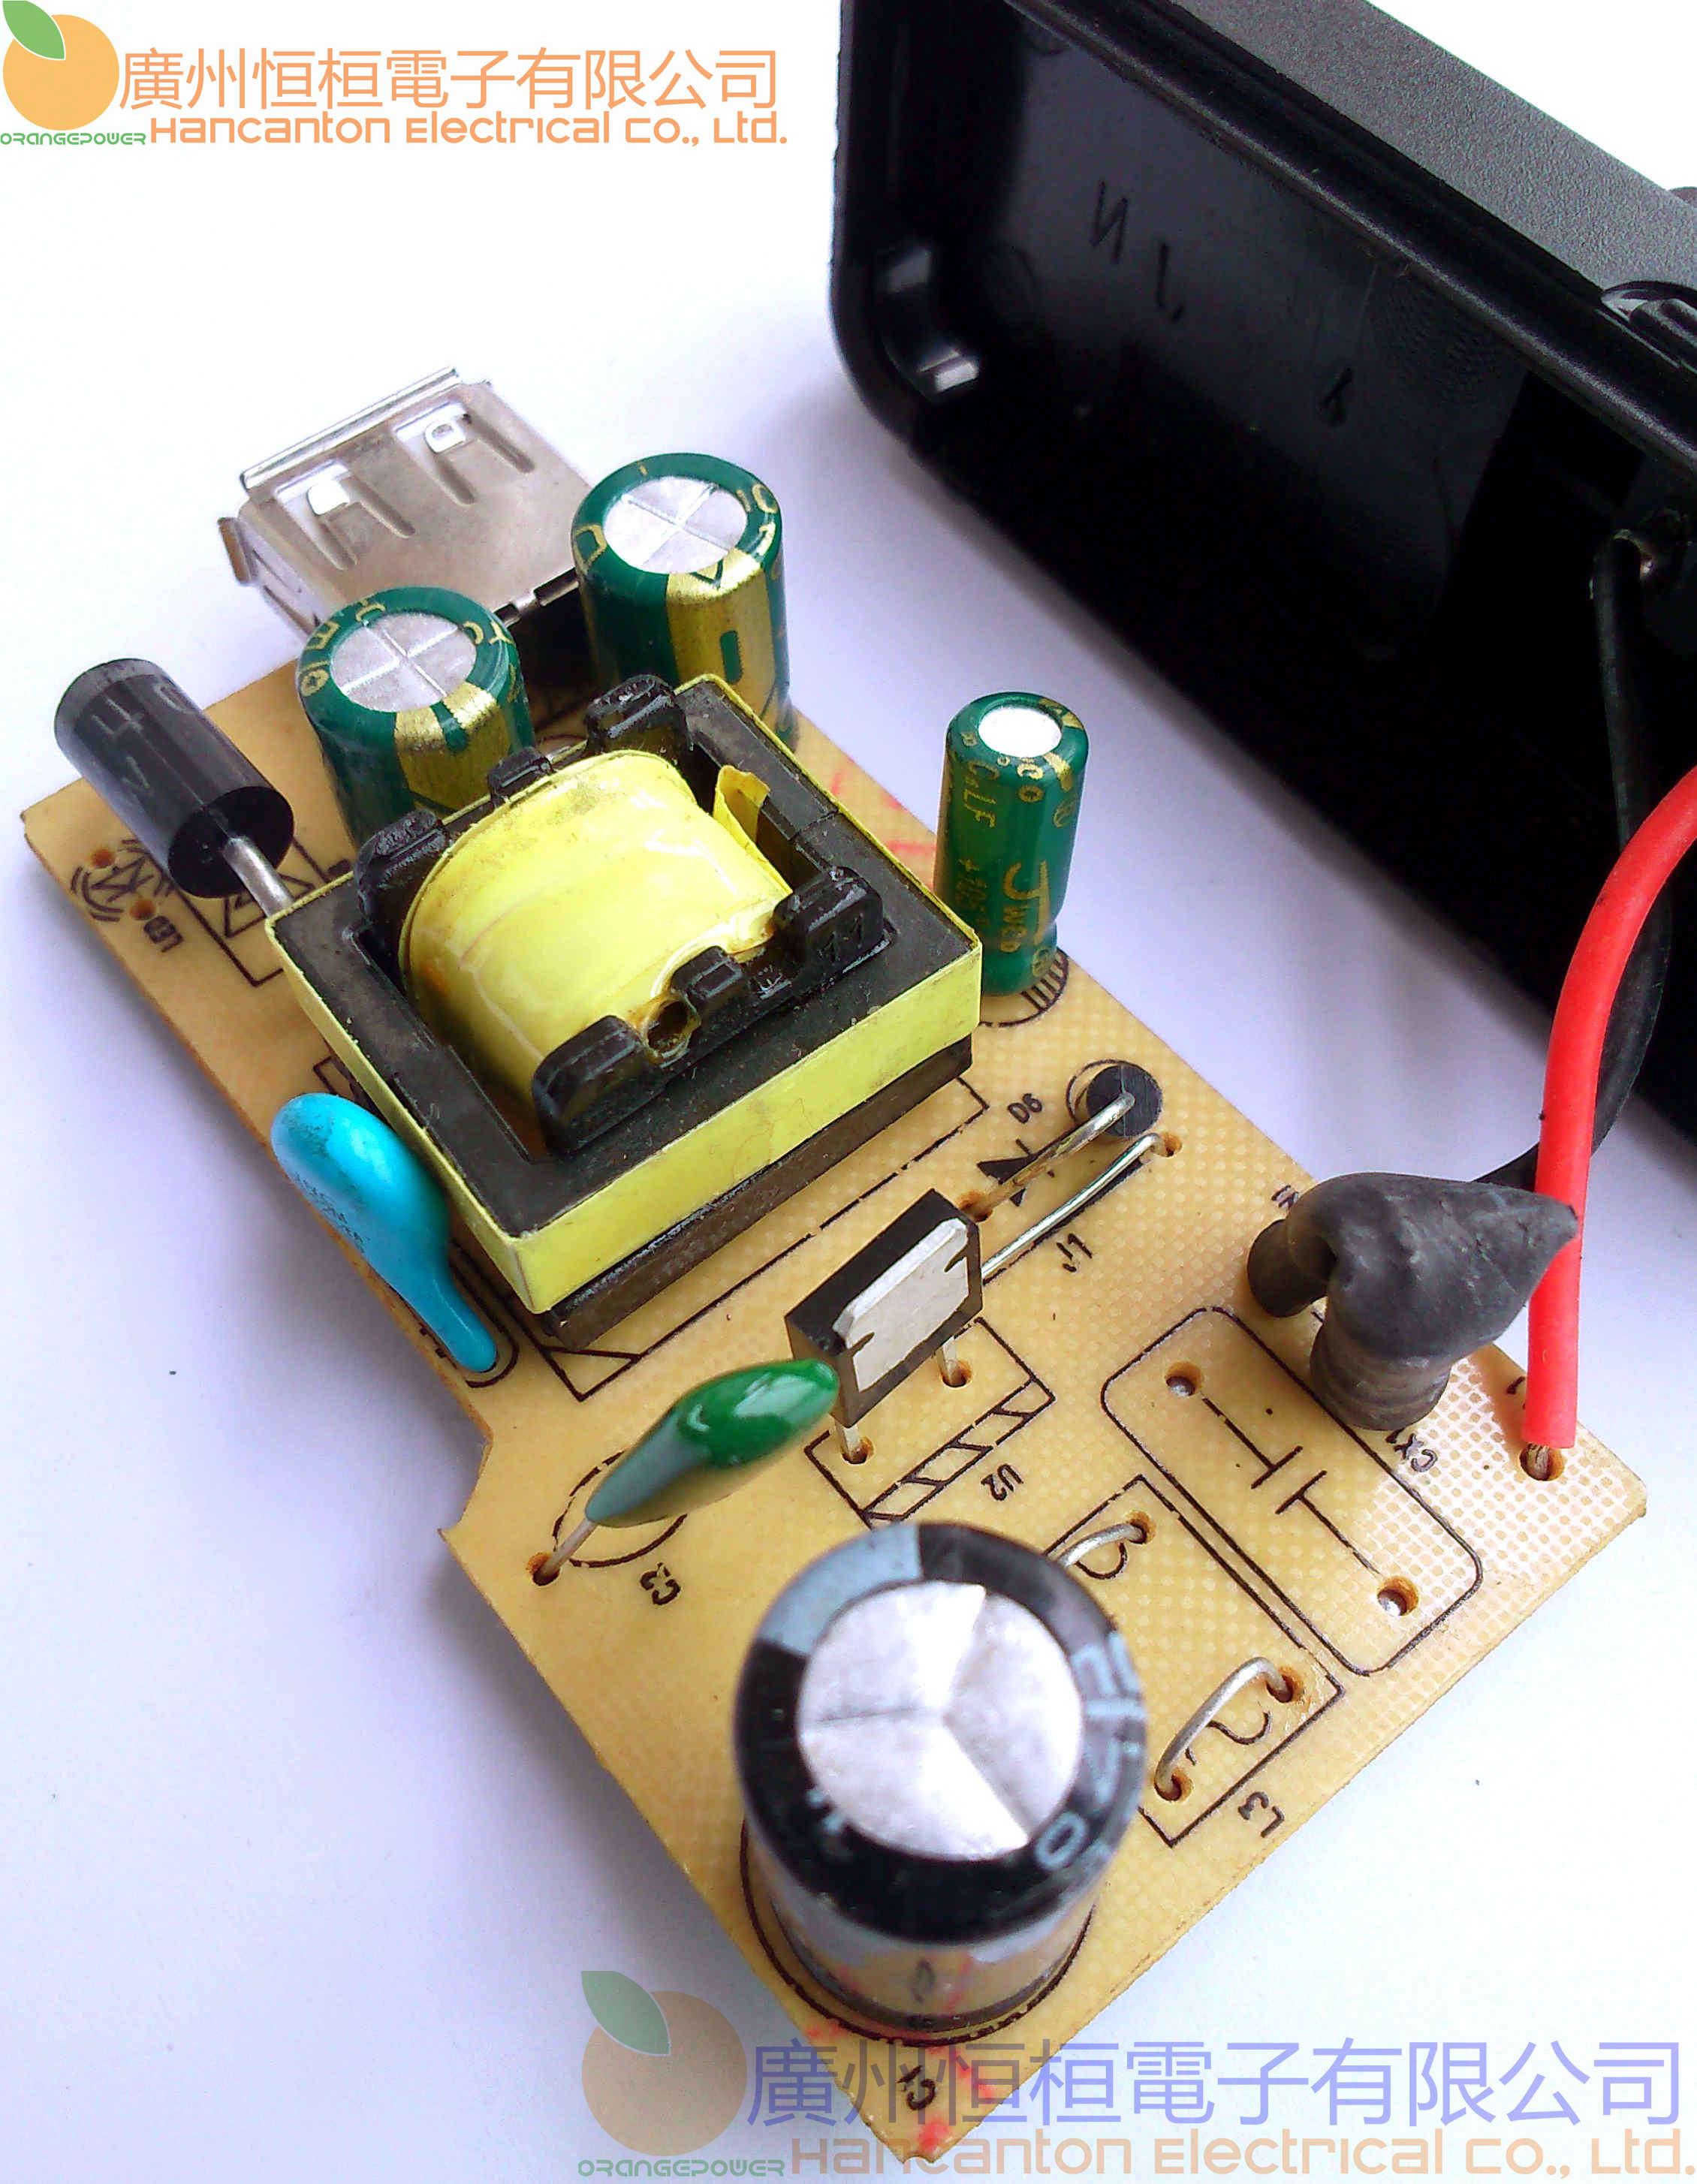 番禺开关电源工厂供应5v2a平板电脑mid充电宝通用电源适配器ic方案带